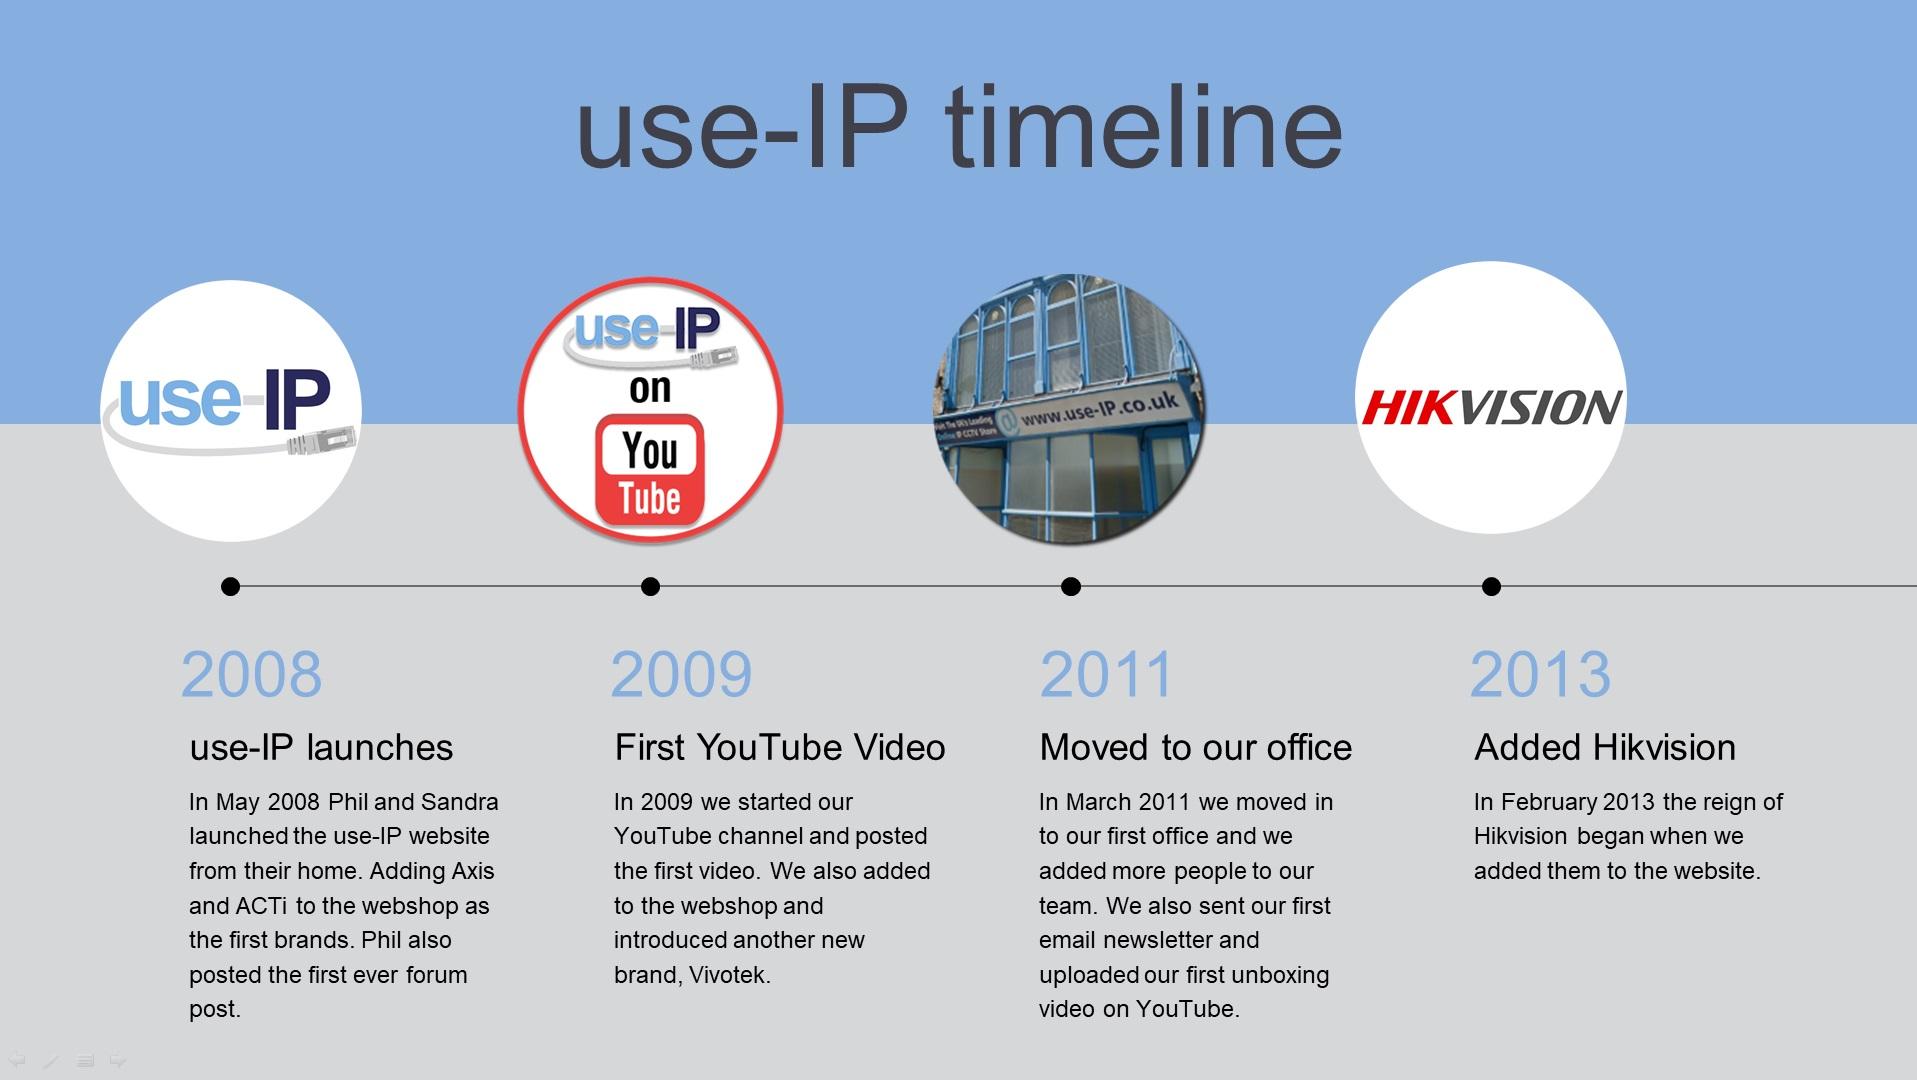 use-IP Timeline